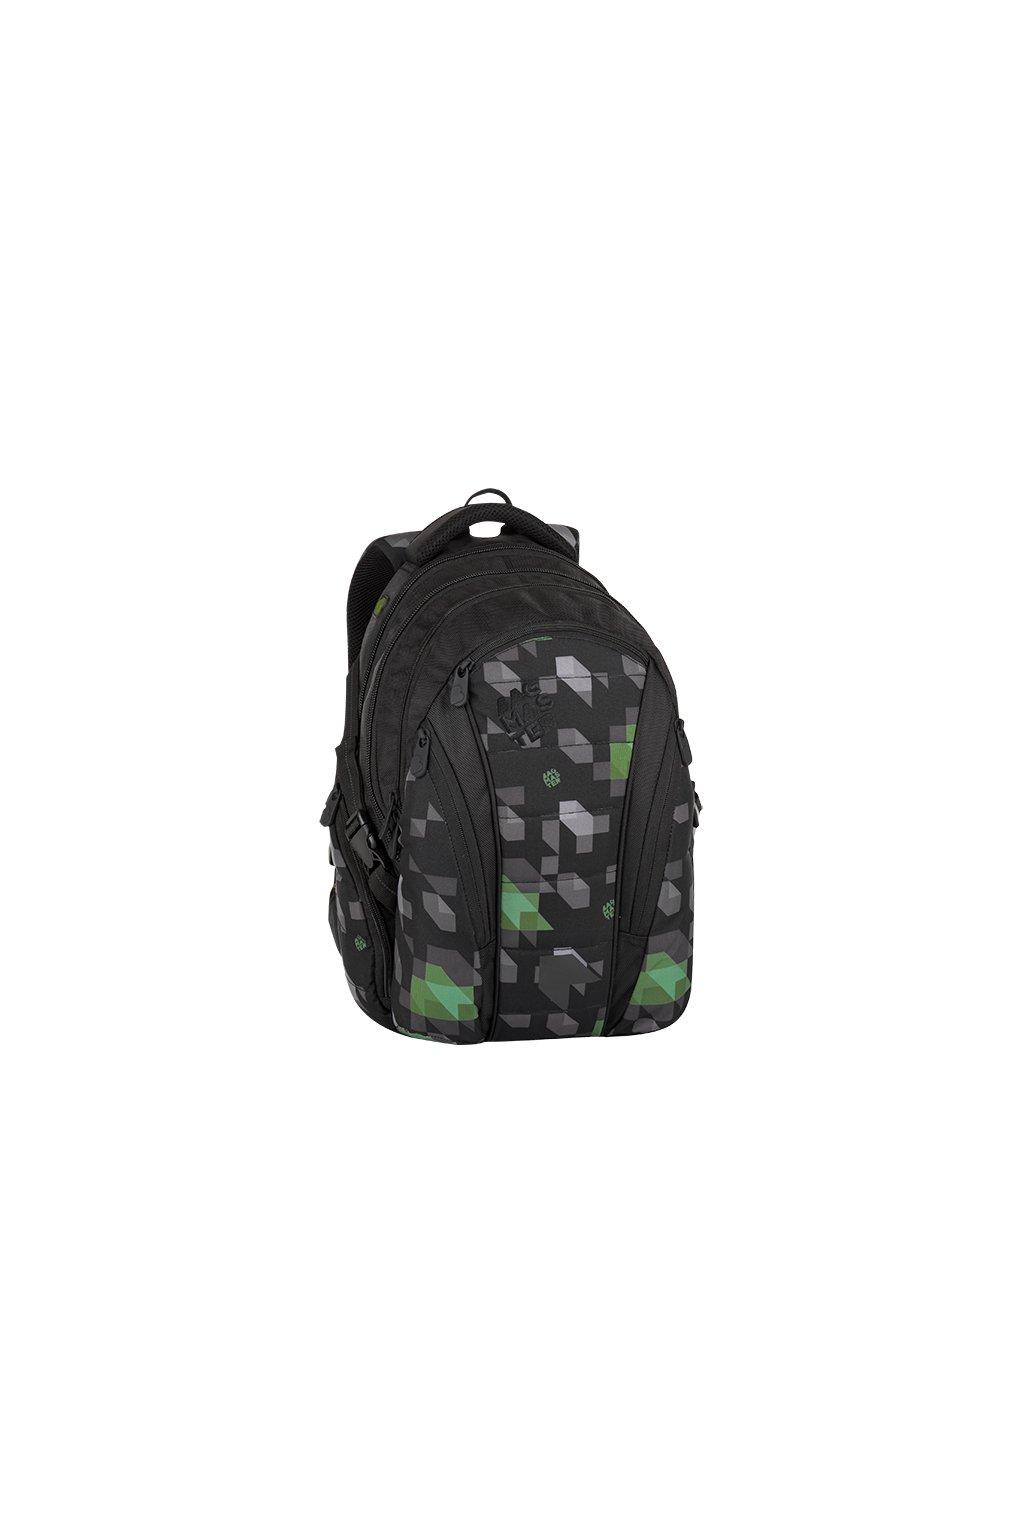 BAG 8G BLACK GREEN GRAY 1